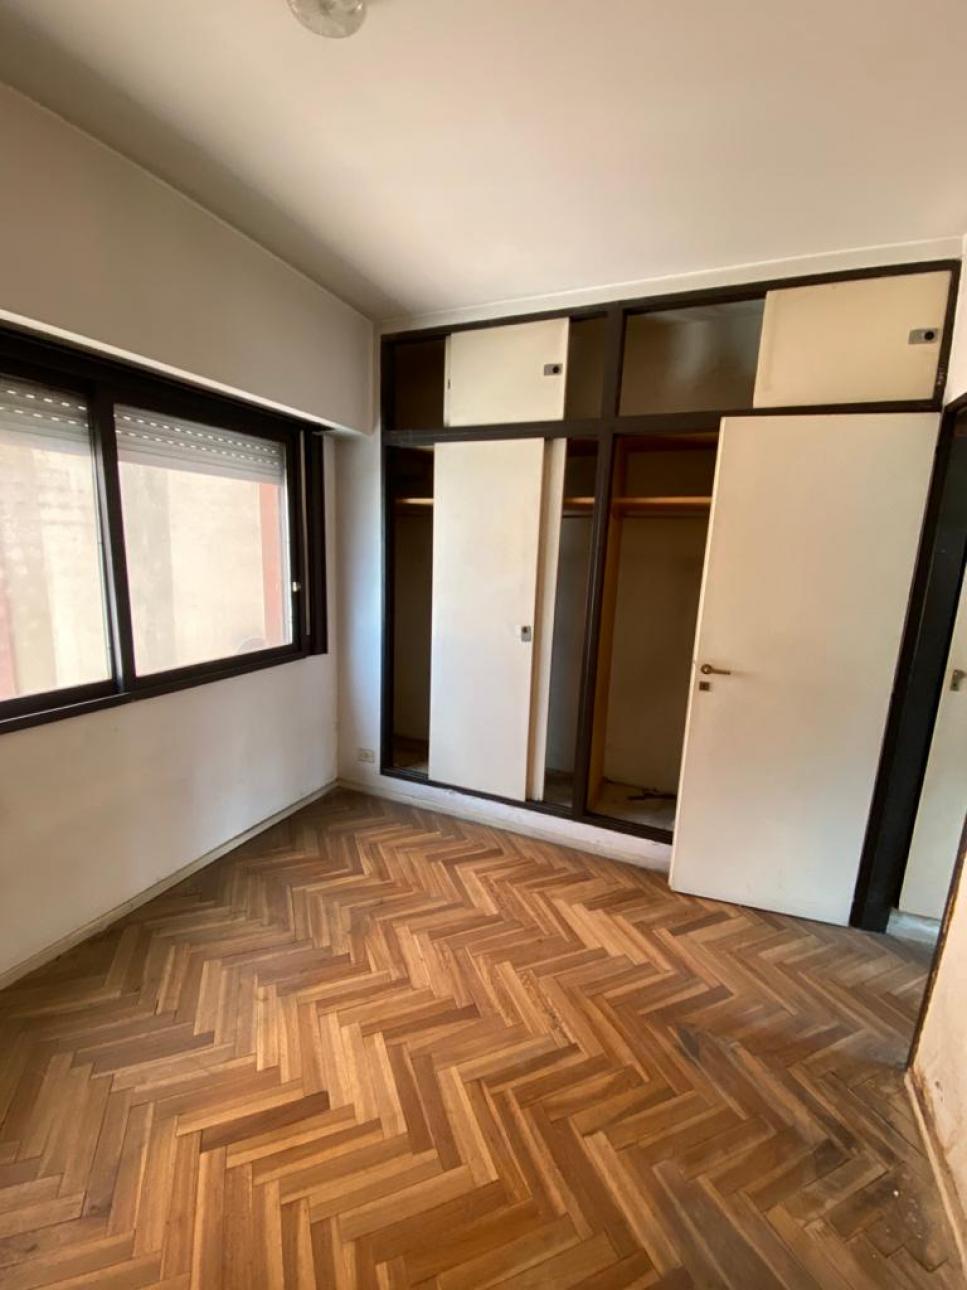 Alquiler de Departamento 3 ambientes en Palermo Palermo Viejo